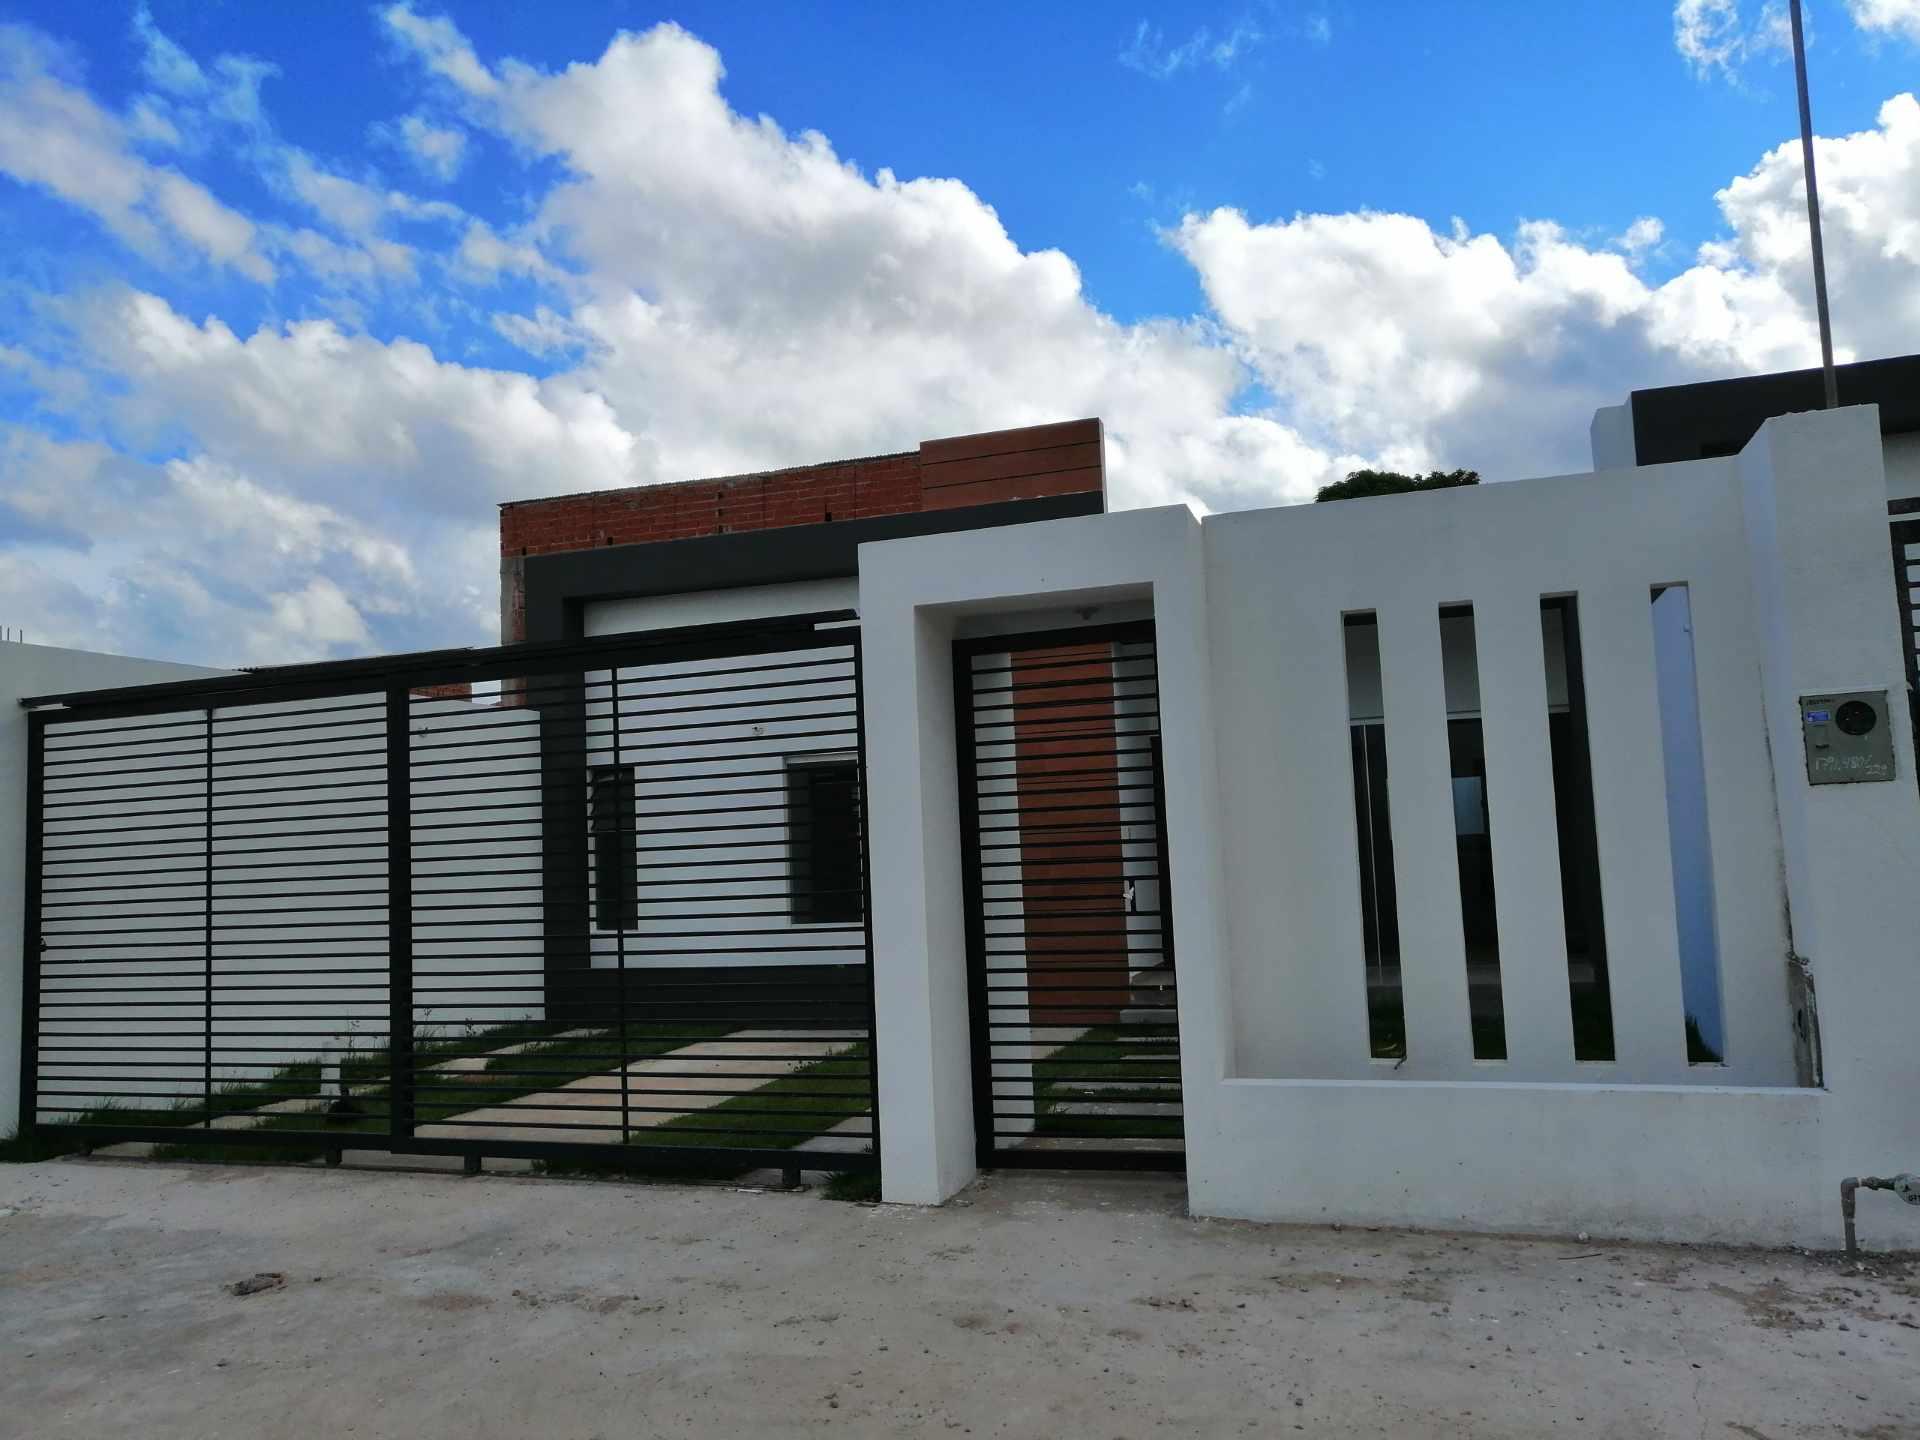 Casa en Venta Avenida bolivia y Radial 13 entre 6 Anillo Foto 1